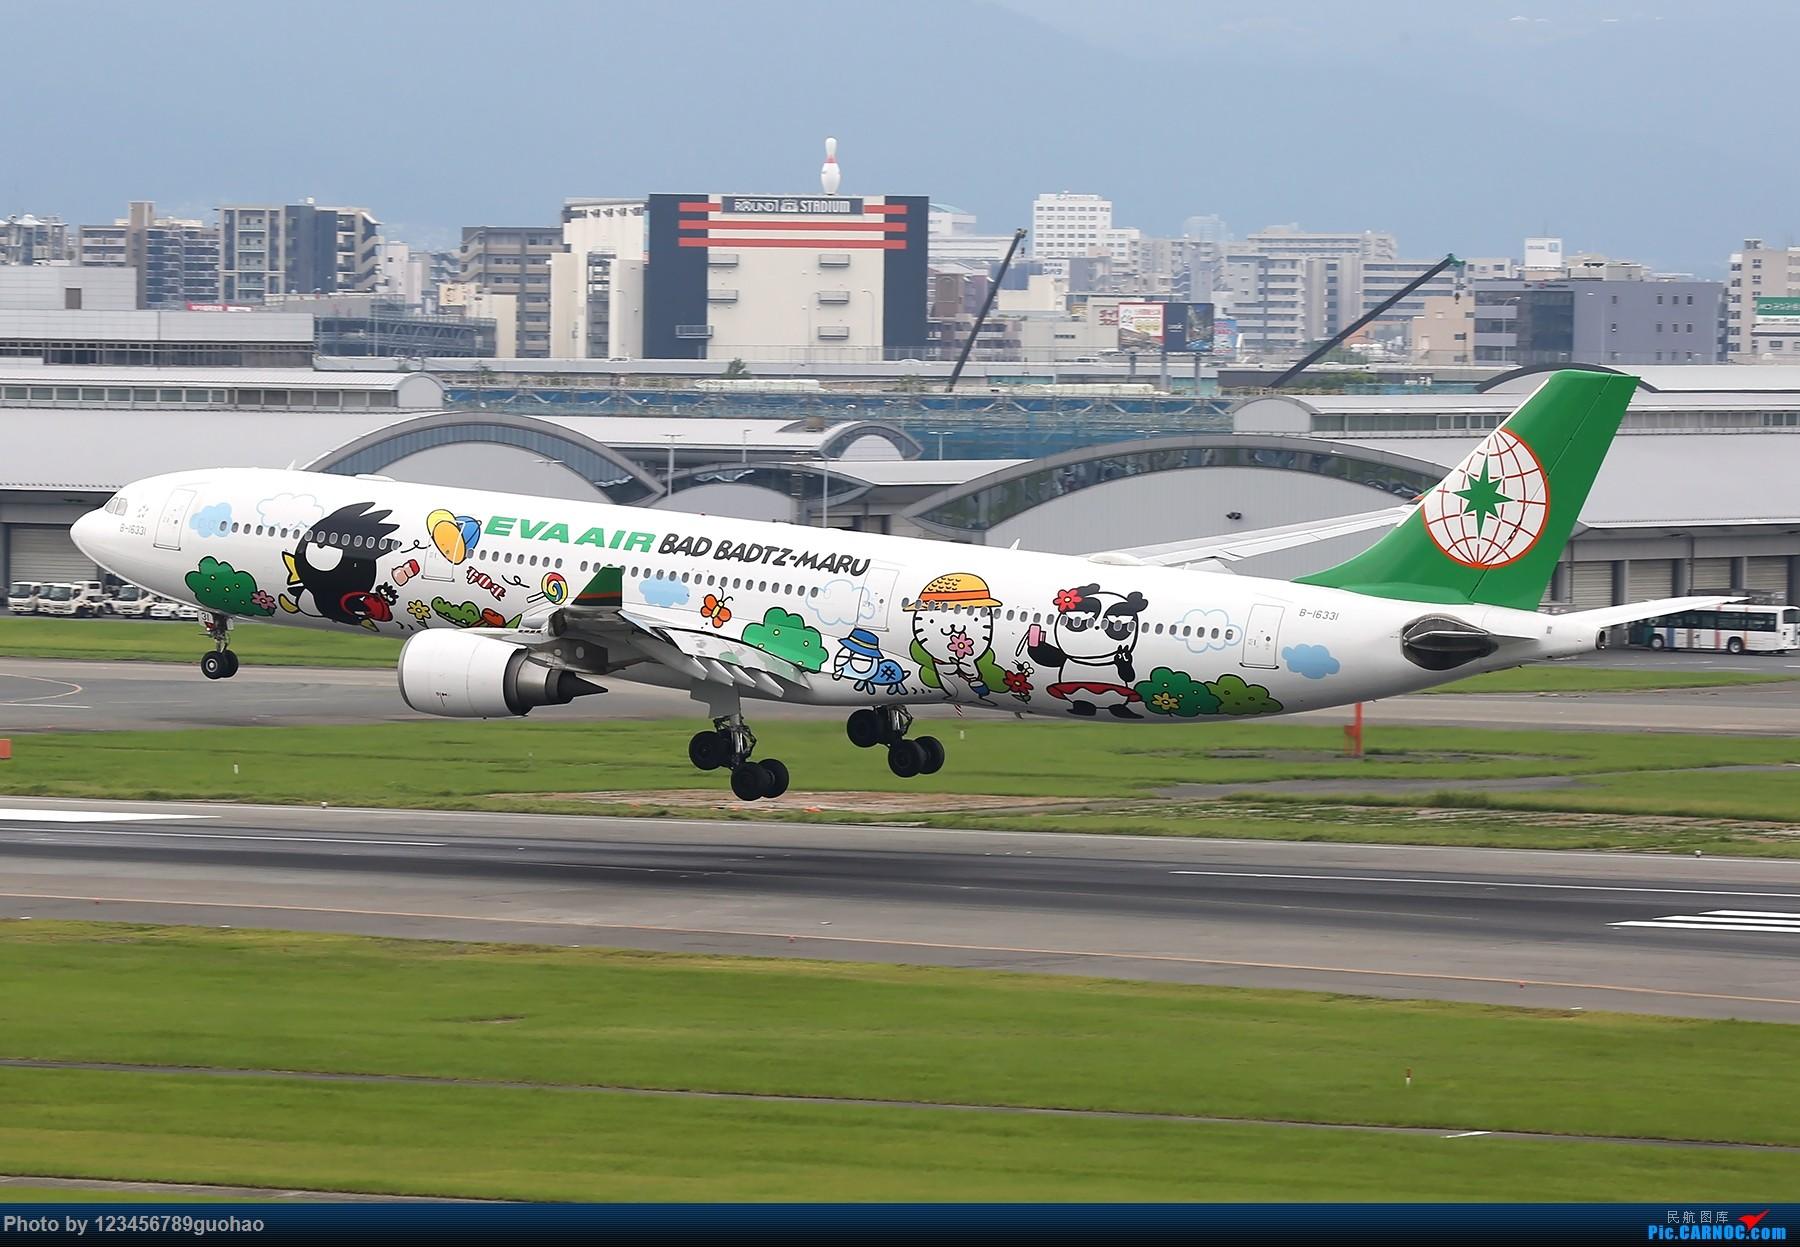 [原创]一图党-EVA酷企鹅 AIRBUS A330-300 B-16331 日本福冈机场